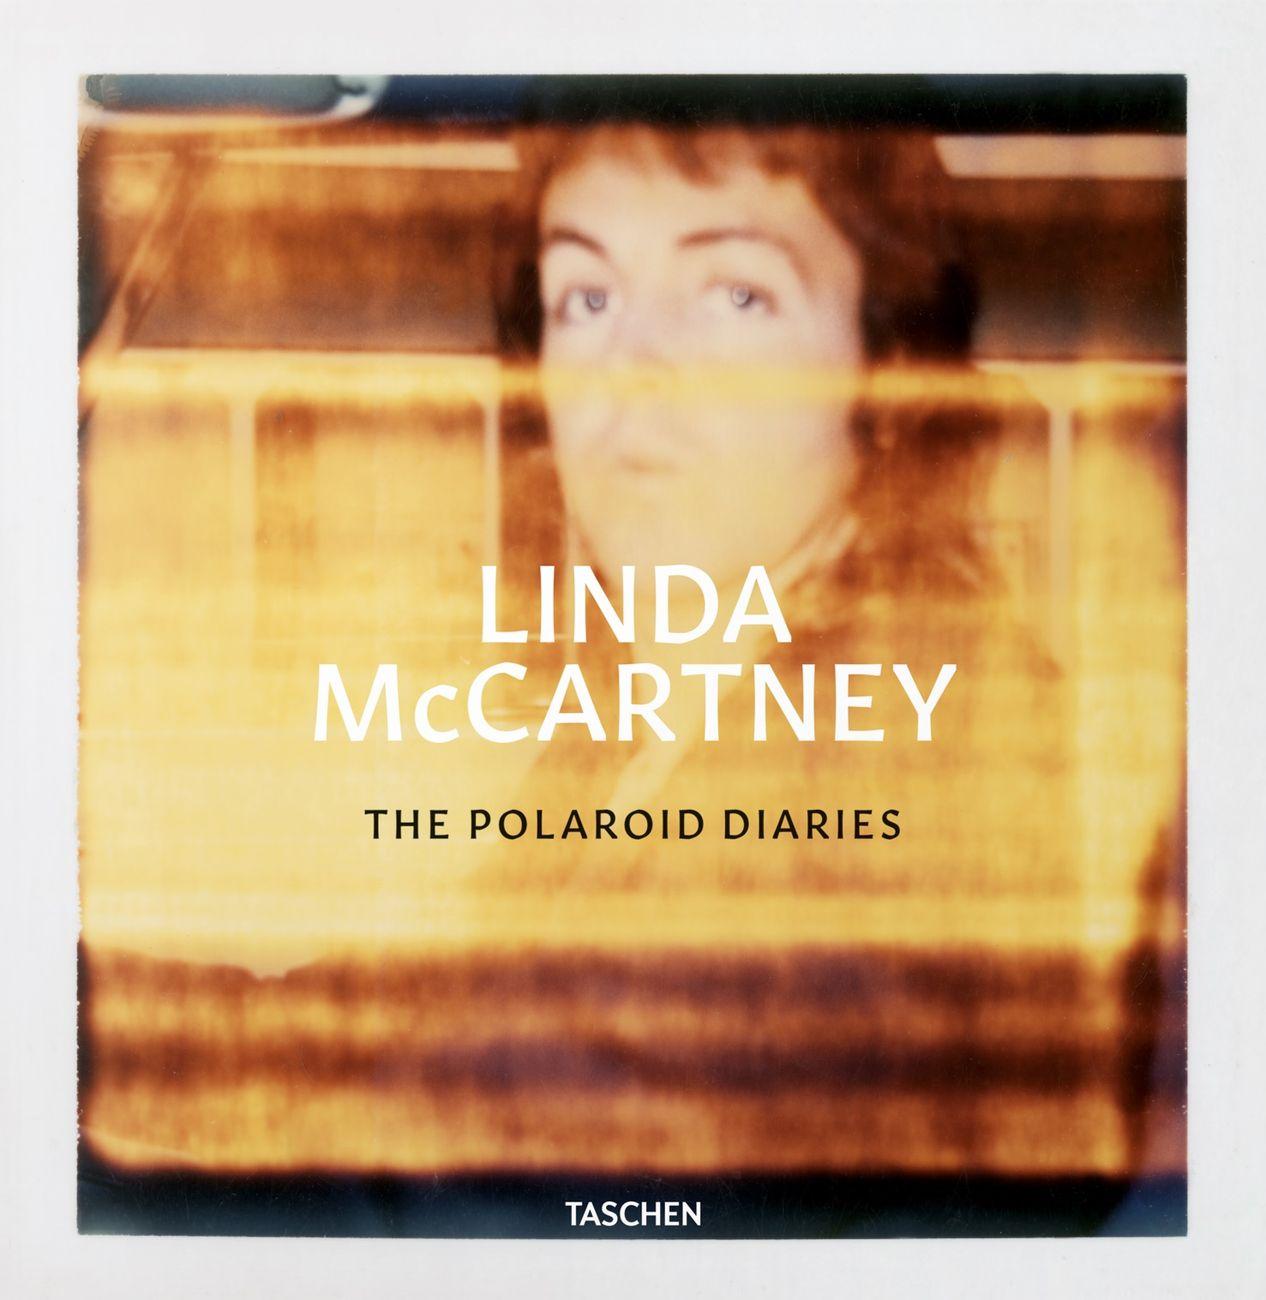 Ekow Eshun & Reuel Golden – Linda McCartney. The Polaroid Diaries (Taschen, Colonia 2019)